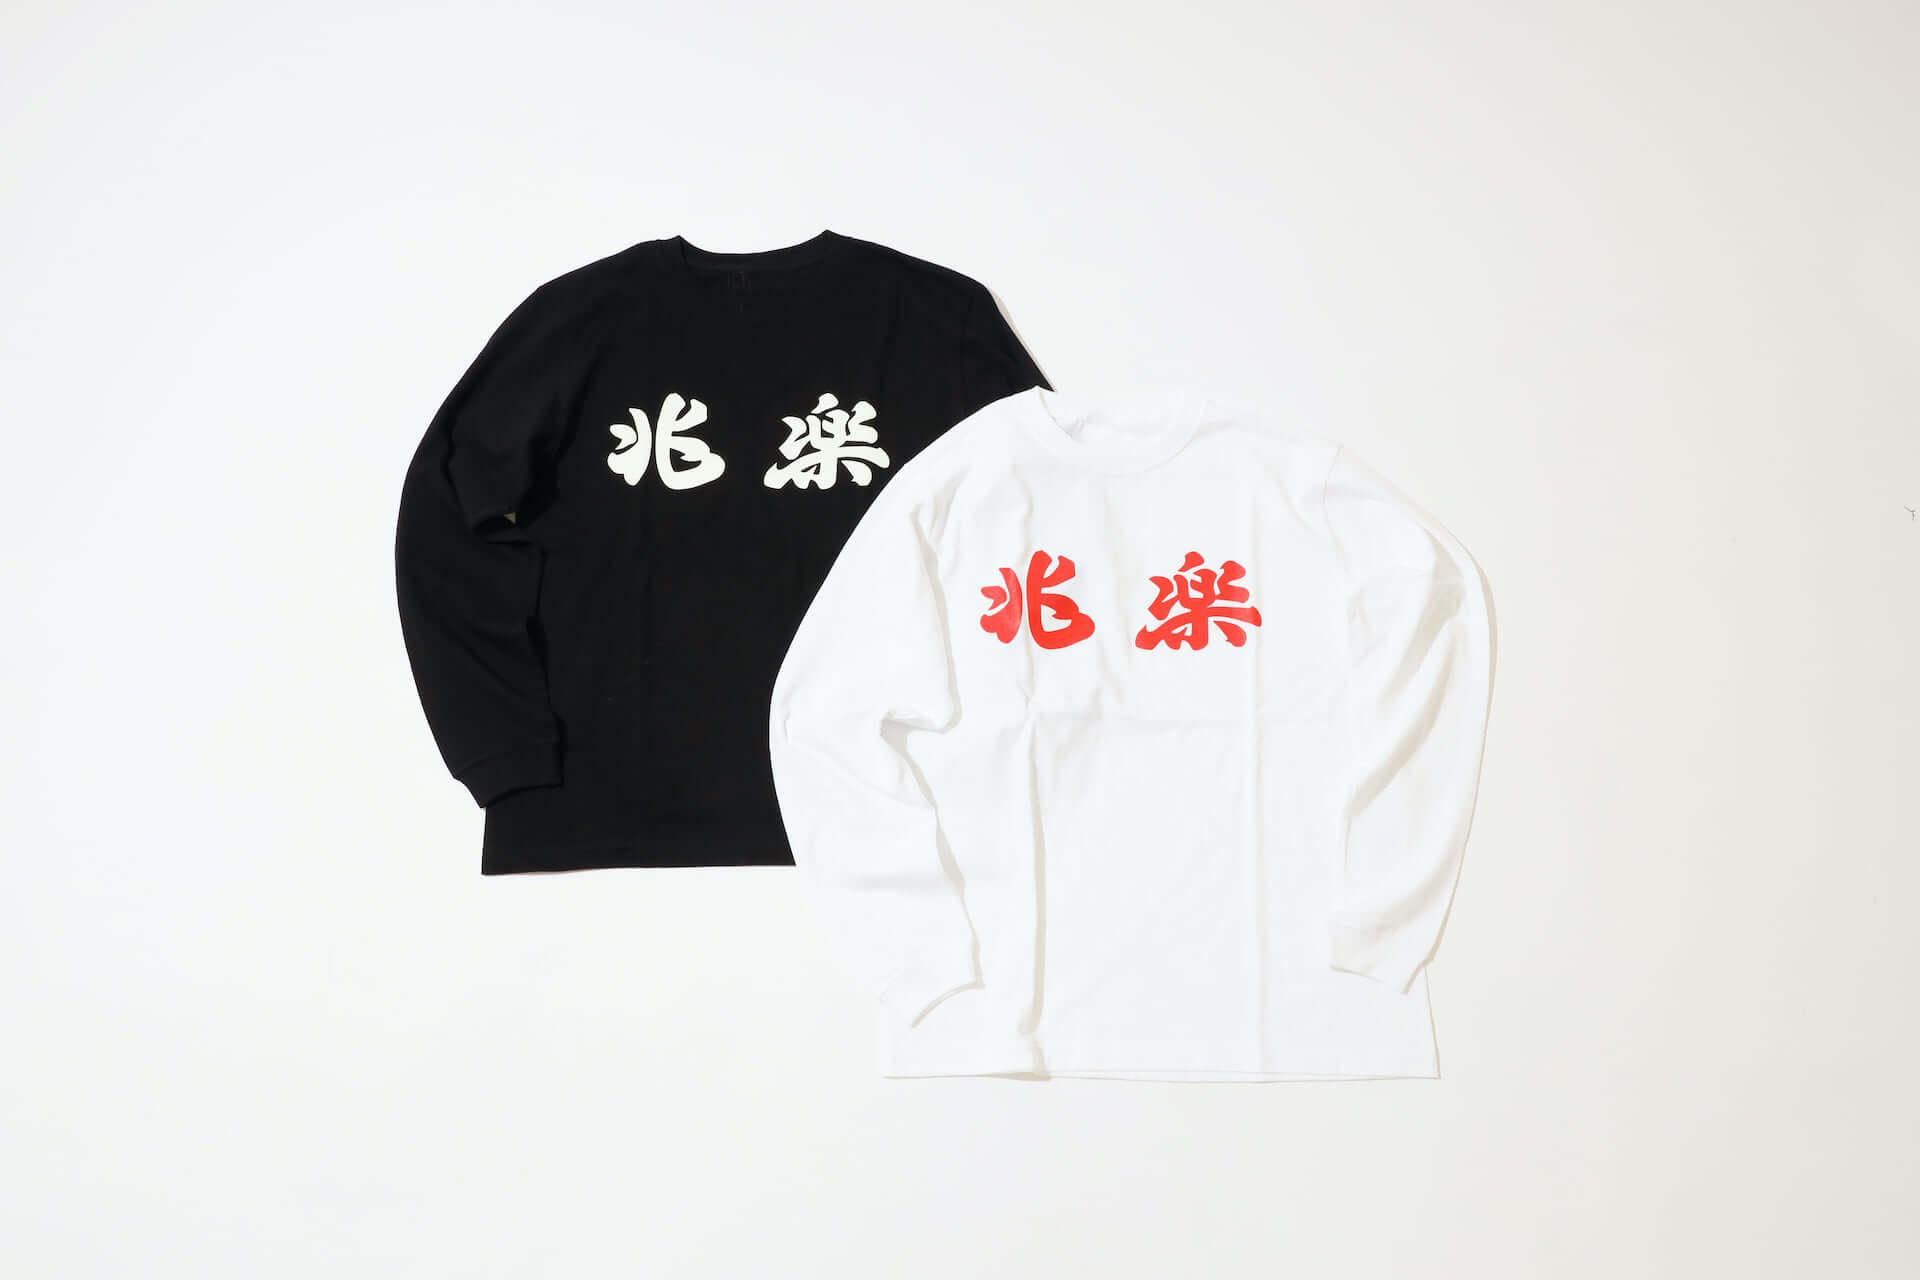 渋谷の街中華・兆楽とJOURNAL STANDARDがコラボ!Tシャツやキャップ、エコバッグが受注販売開始 lf210205_choraku-journalstandard_6-1920x1280